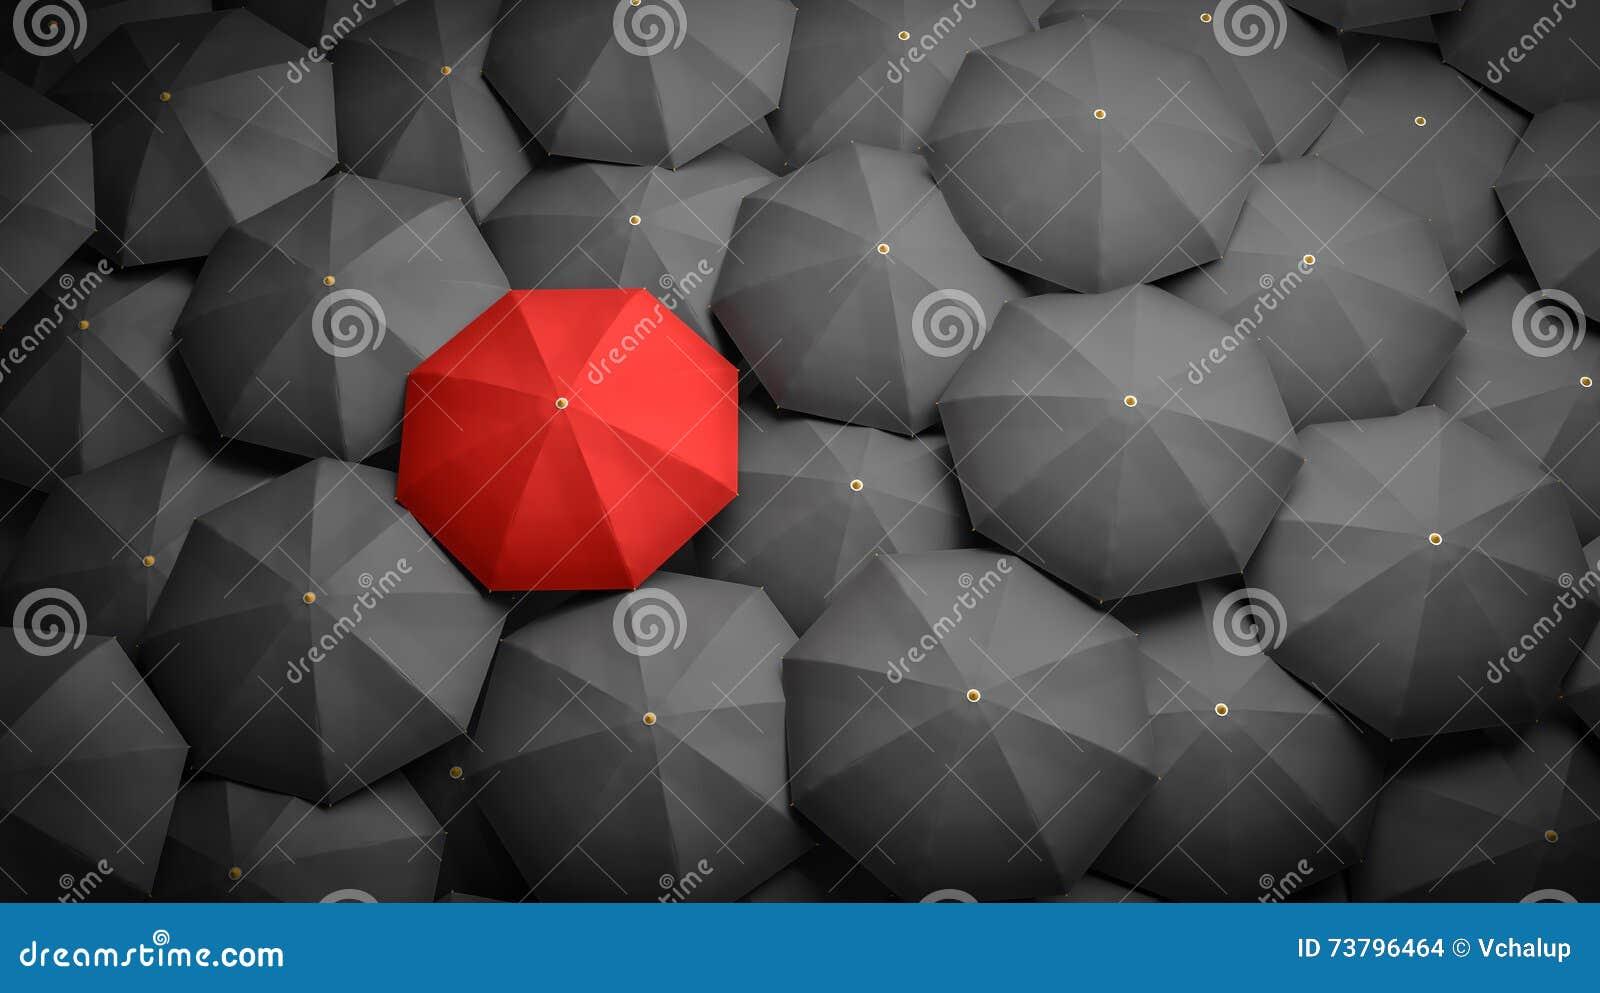 Führung oder Unterscheidungskonzept Roter Regenschirm und viele schwarzen Regenschirme herum 3D übertrug Abbildung